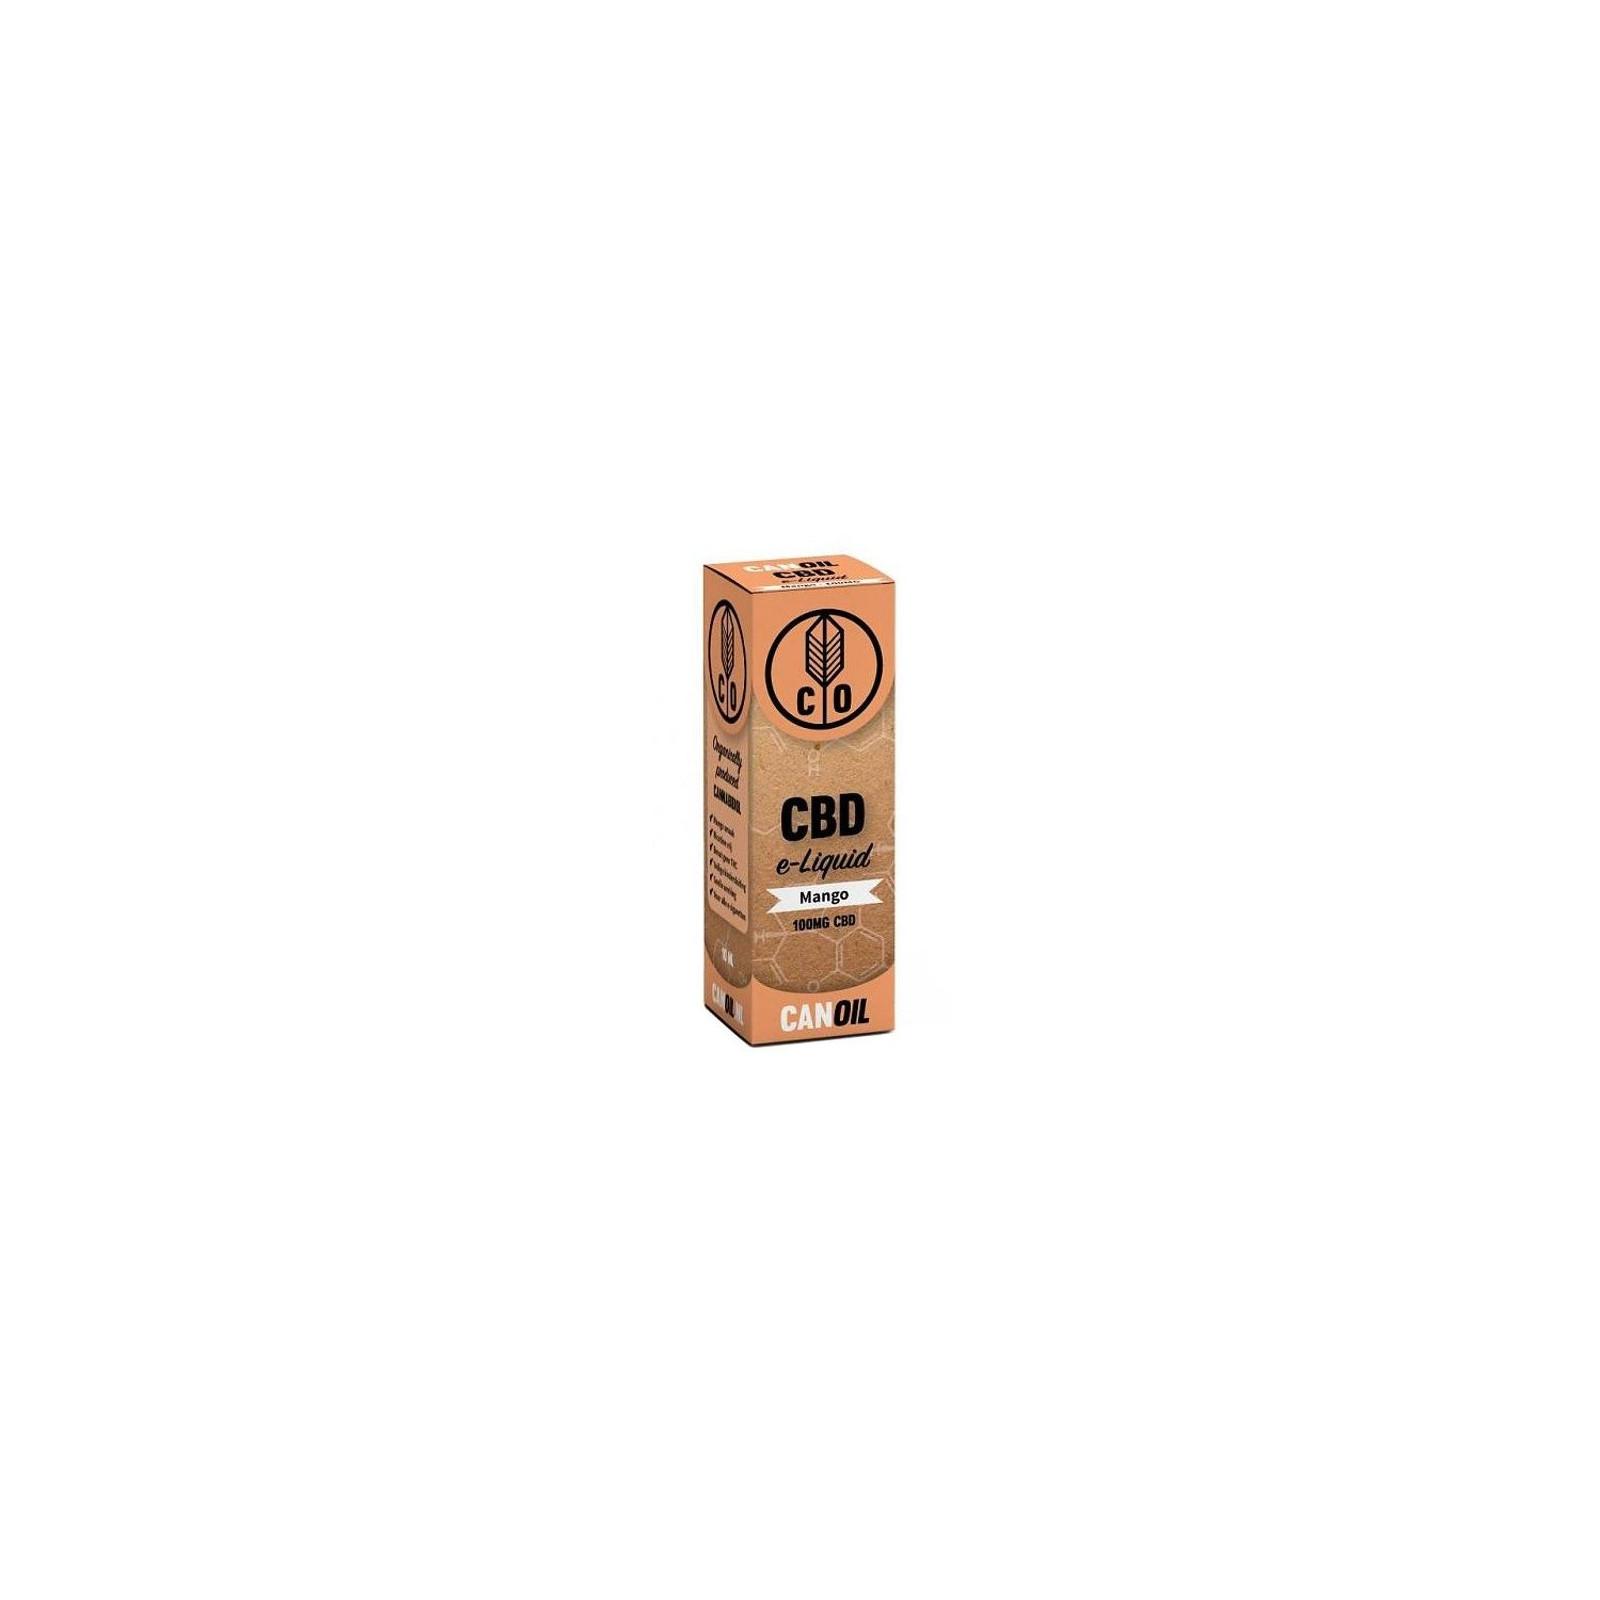 Mango CanOil CBD